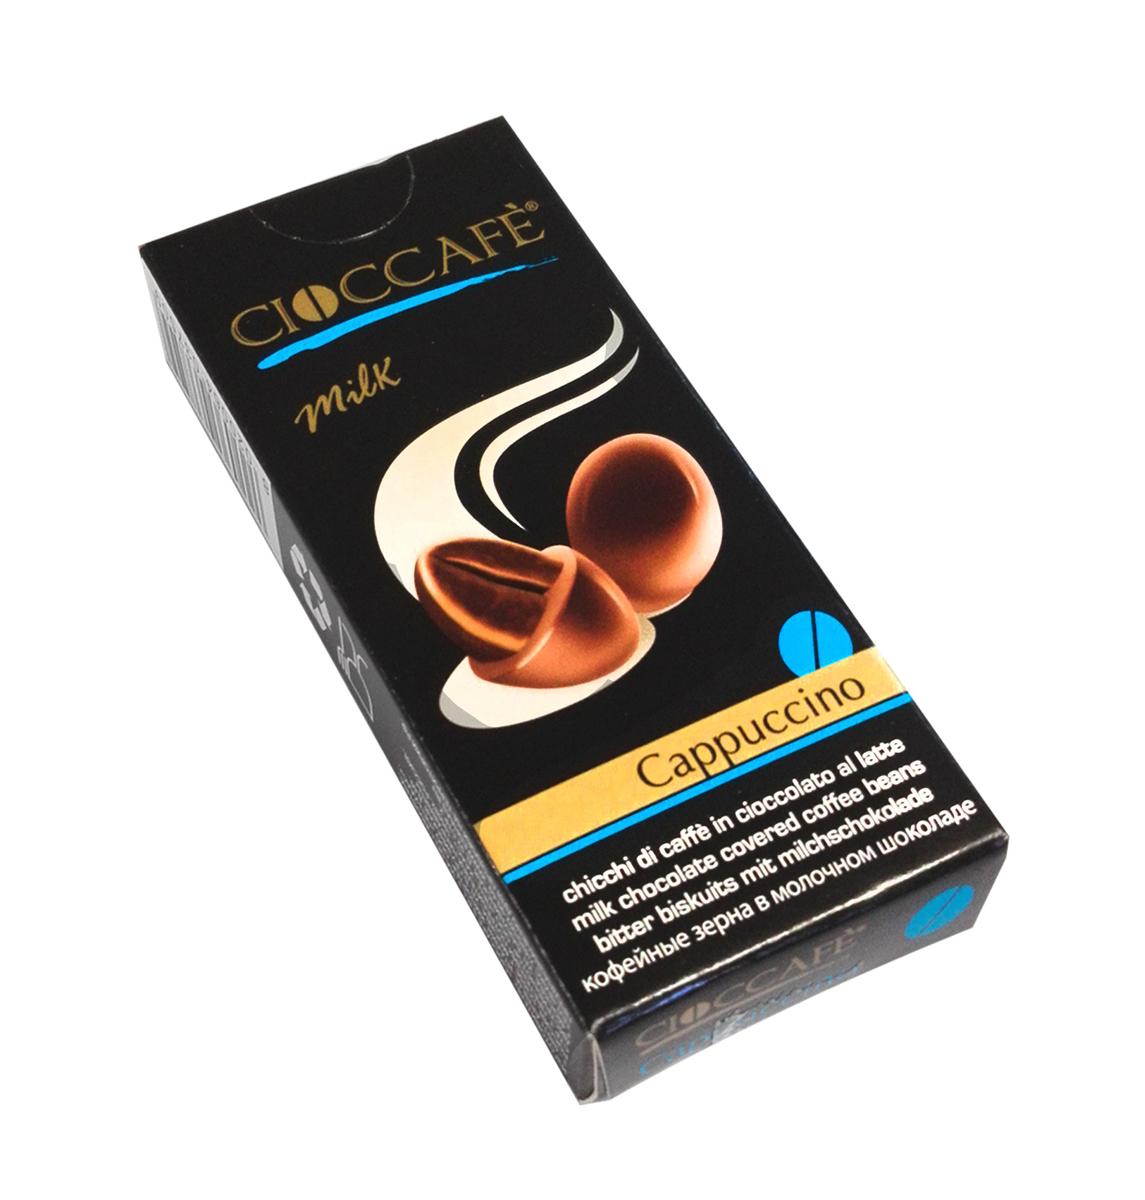 """Cioccafe Капучино кофейные зерна в молочном шоколаде, 25 г5060295130016Драже """"Cioccafe"""" - обжаренные кофейные зерна, покрытые шоколадом. Необычная комбинация кофейных зерен и шоколада выделяет этот продукт среди других товаров."""